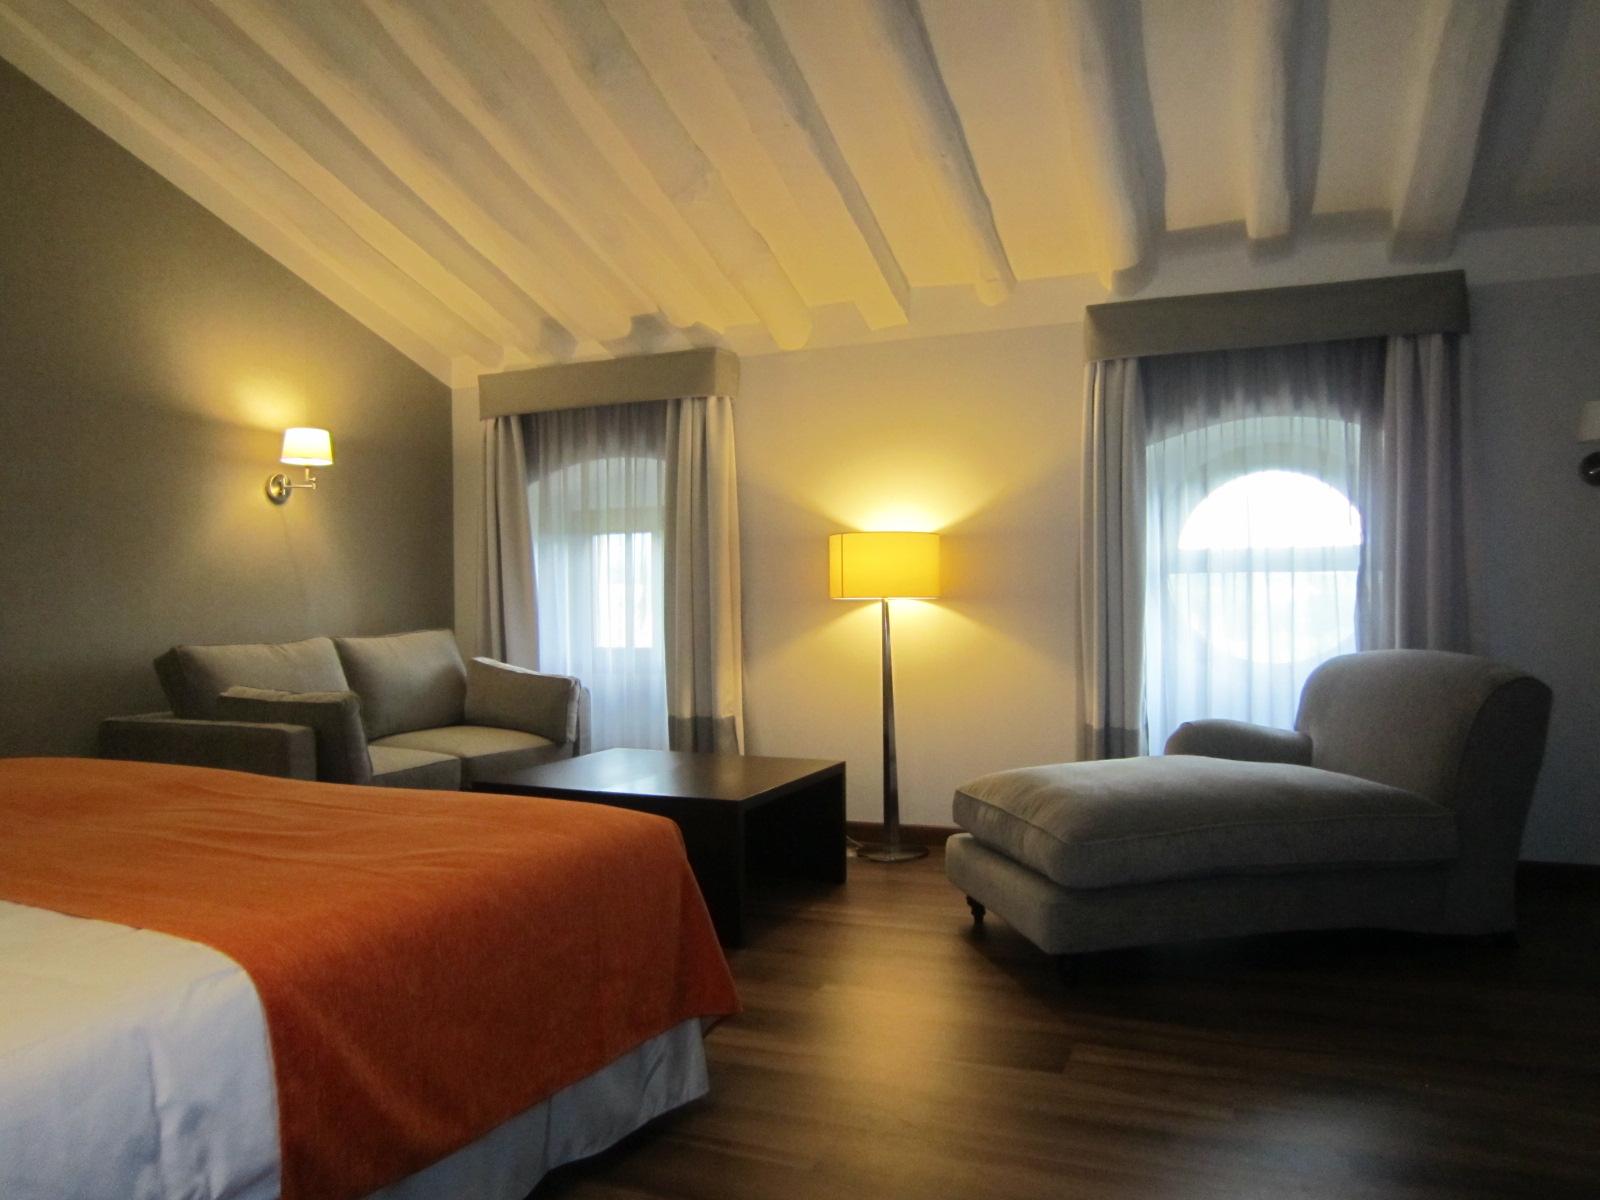 Habitaciones abuhardilladas hotel termas 4 flickr photo sharing - Habitaciones abuhardilladas ...